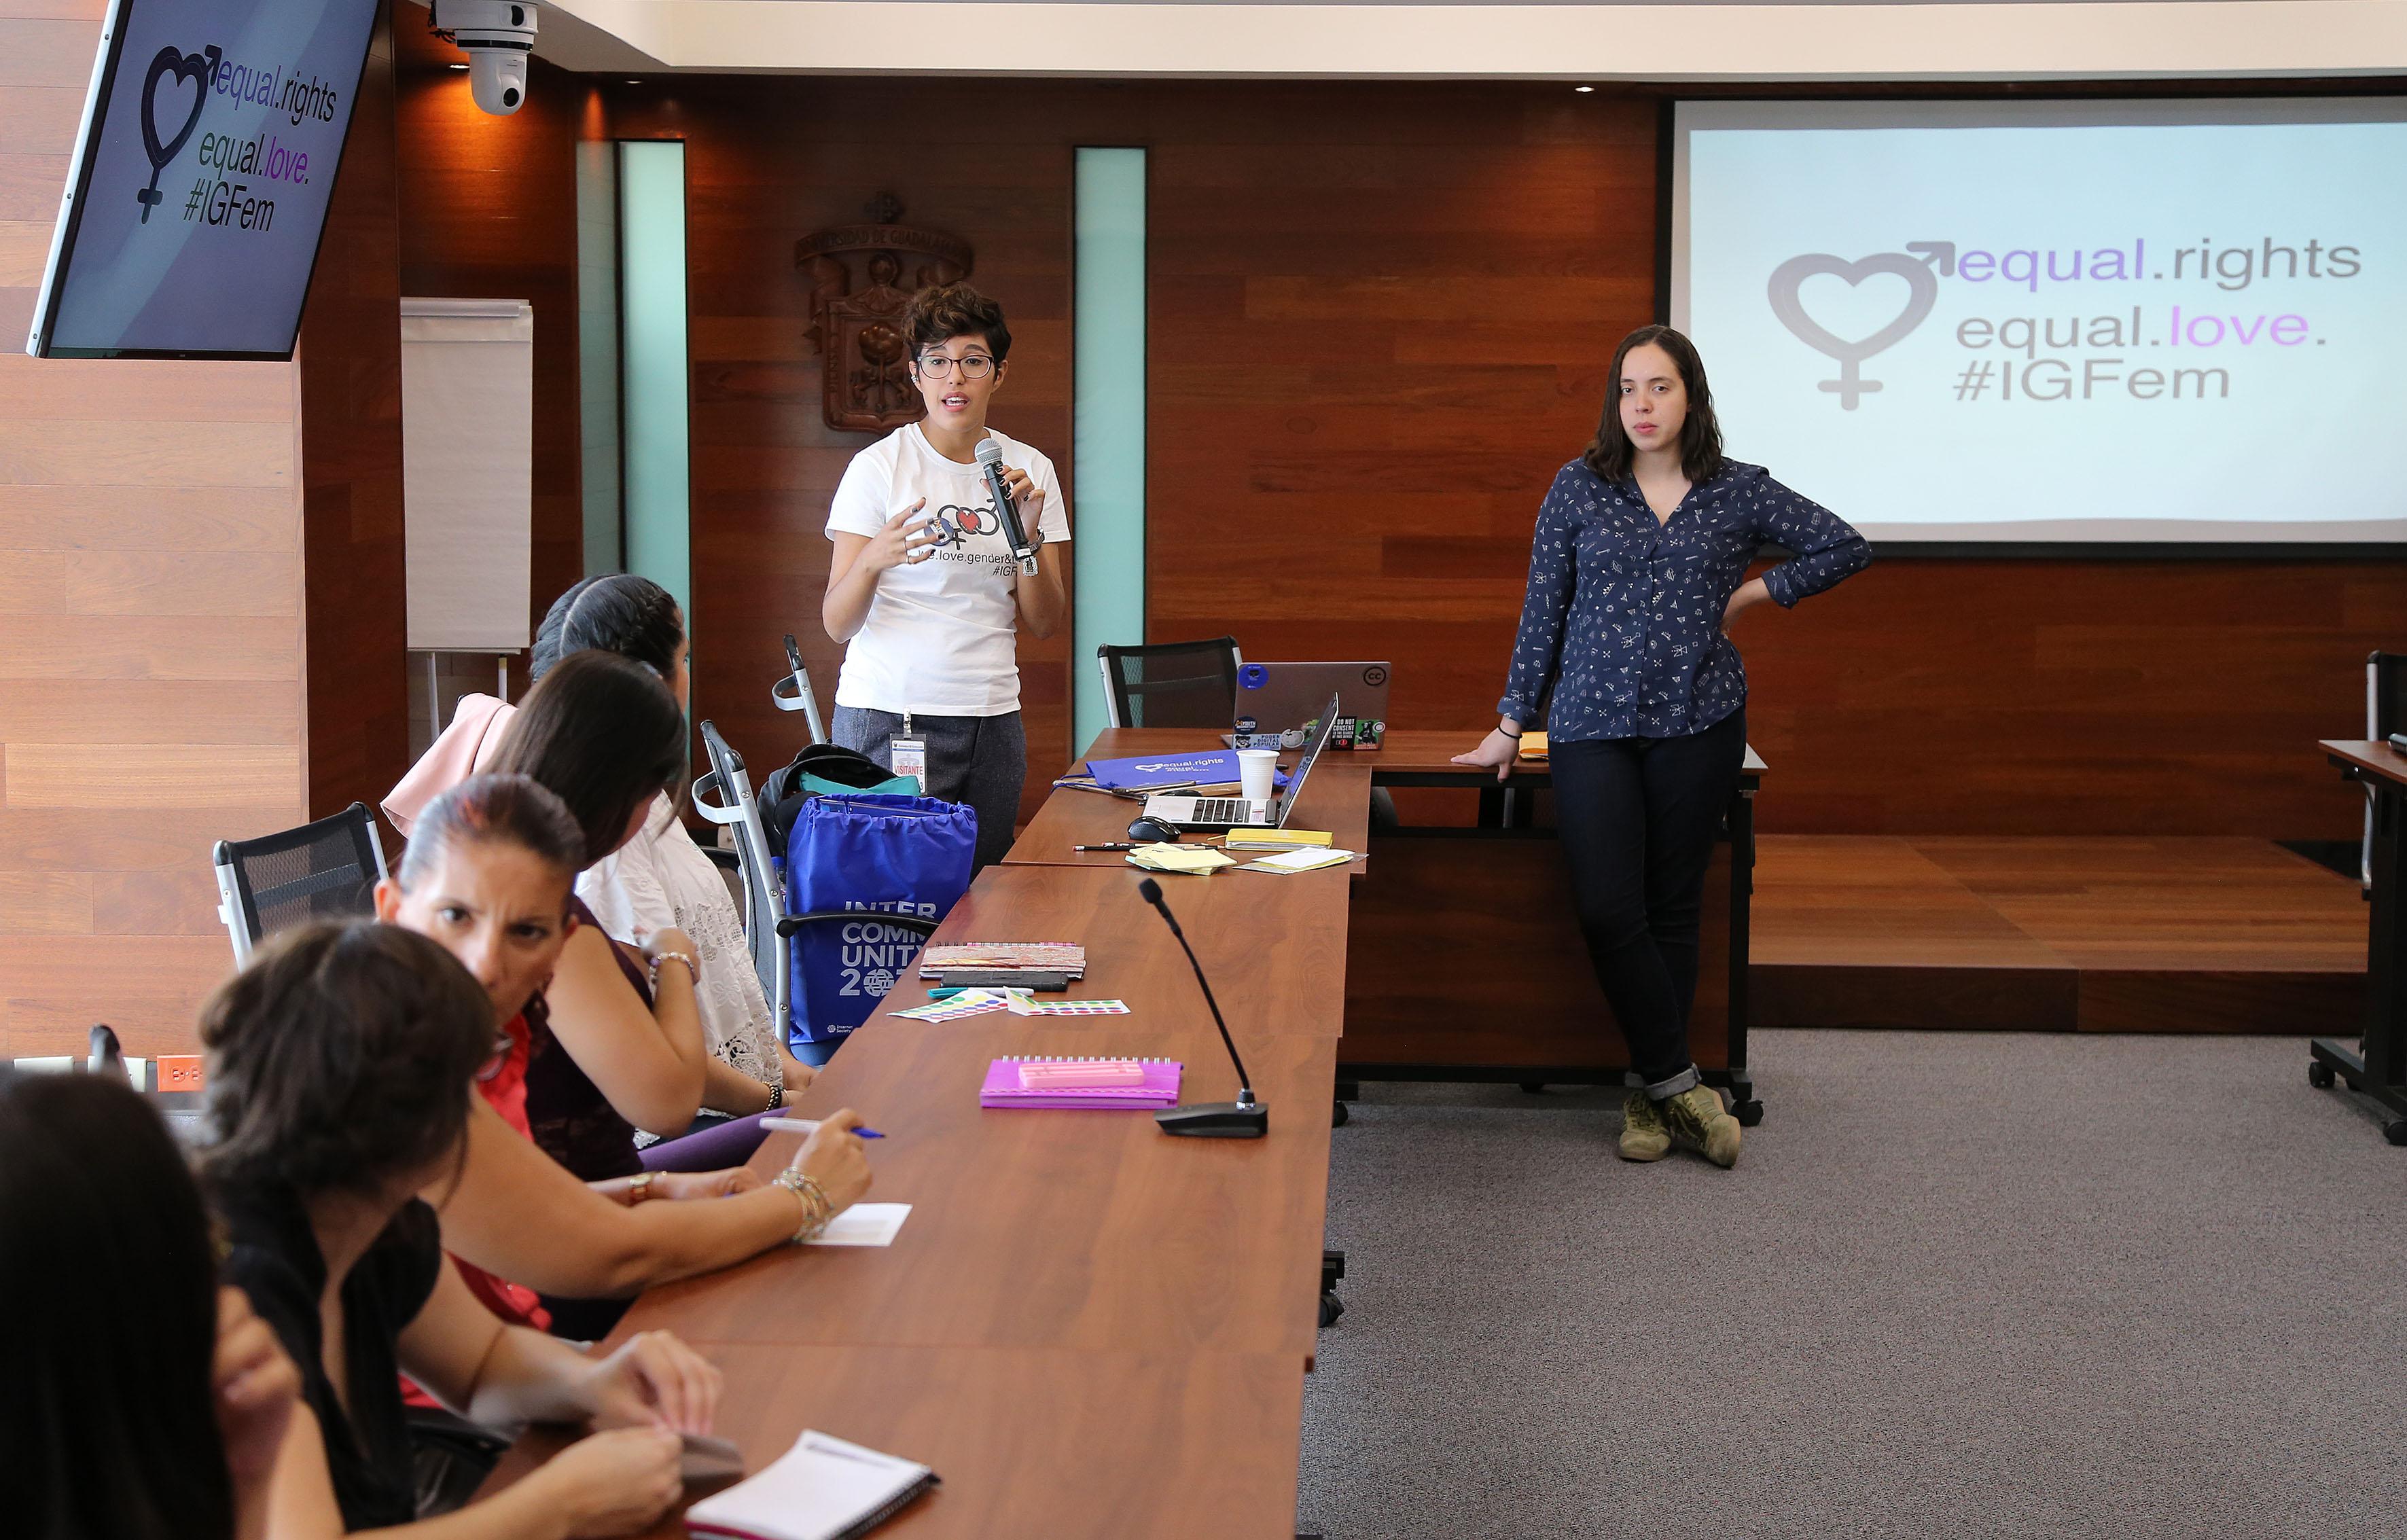 Participante al  Taller IGFem-Boot Camp haciendo uso de la palabra